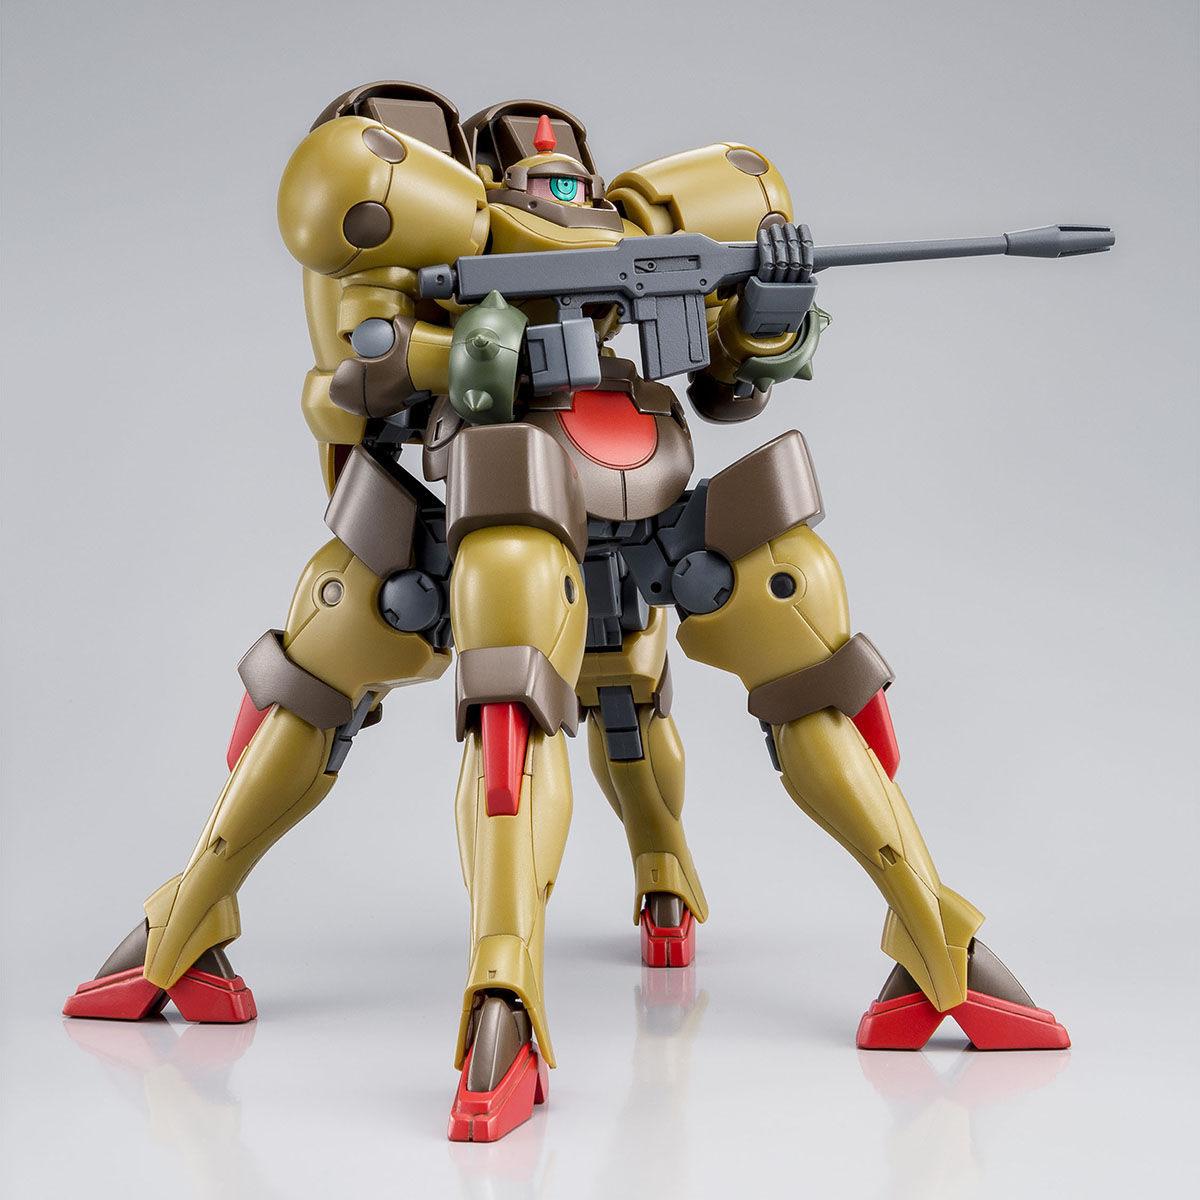 【限定販売】HG 1/144『デスビースト』機動武闘伝Gガンダム プラモデル-003